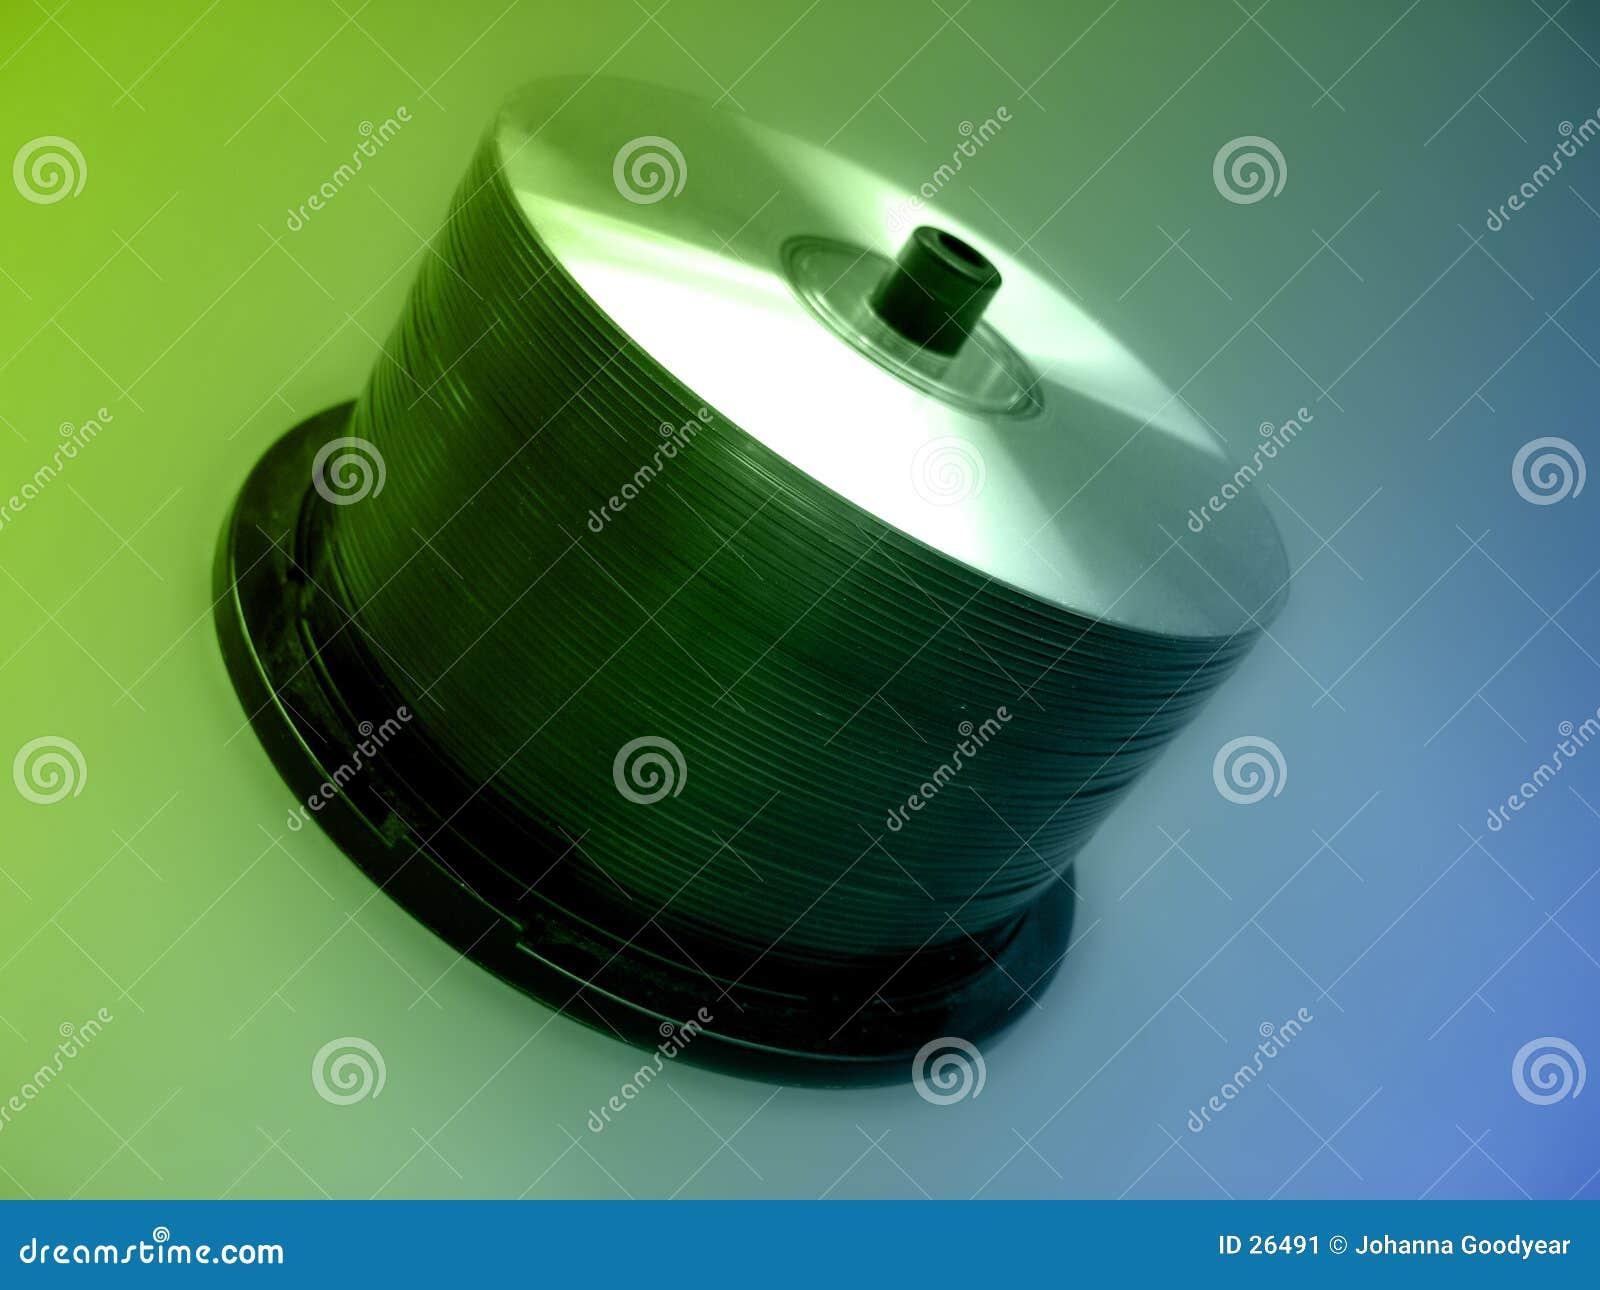 CD as